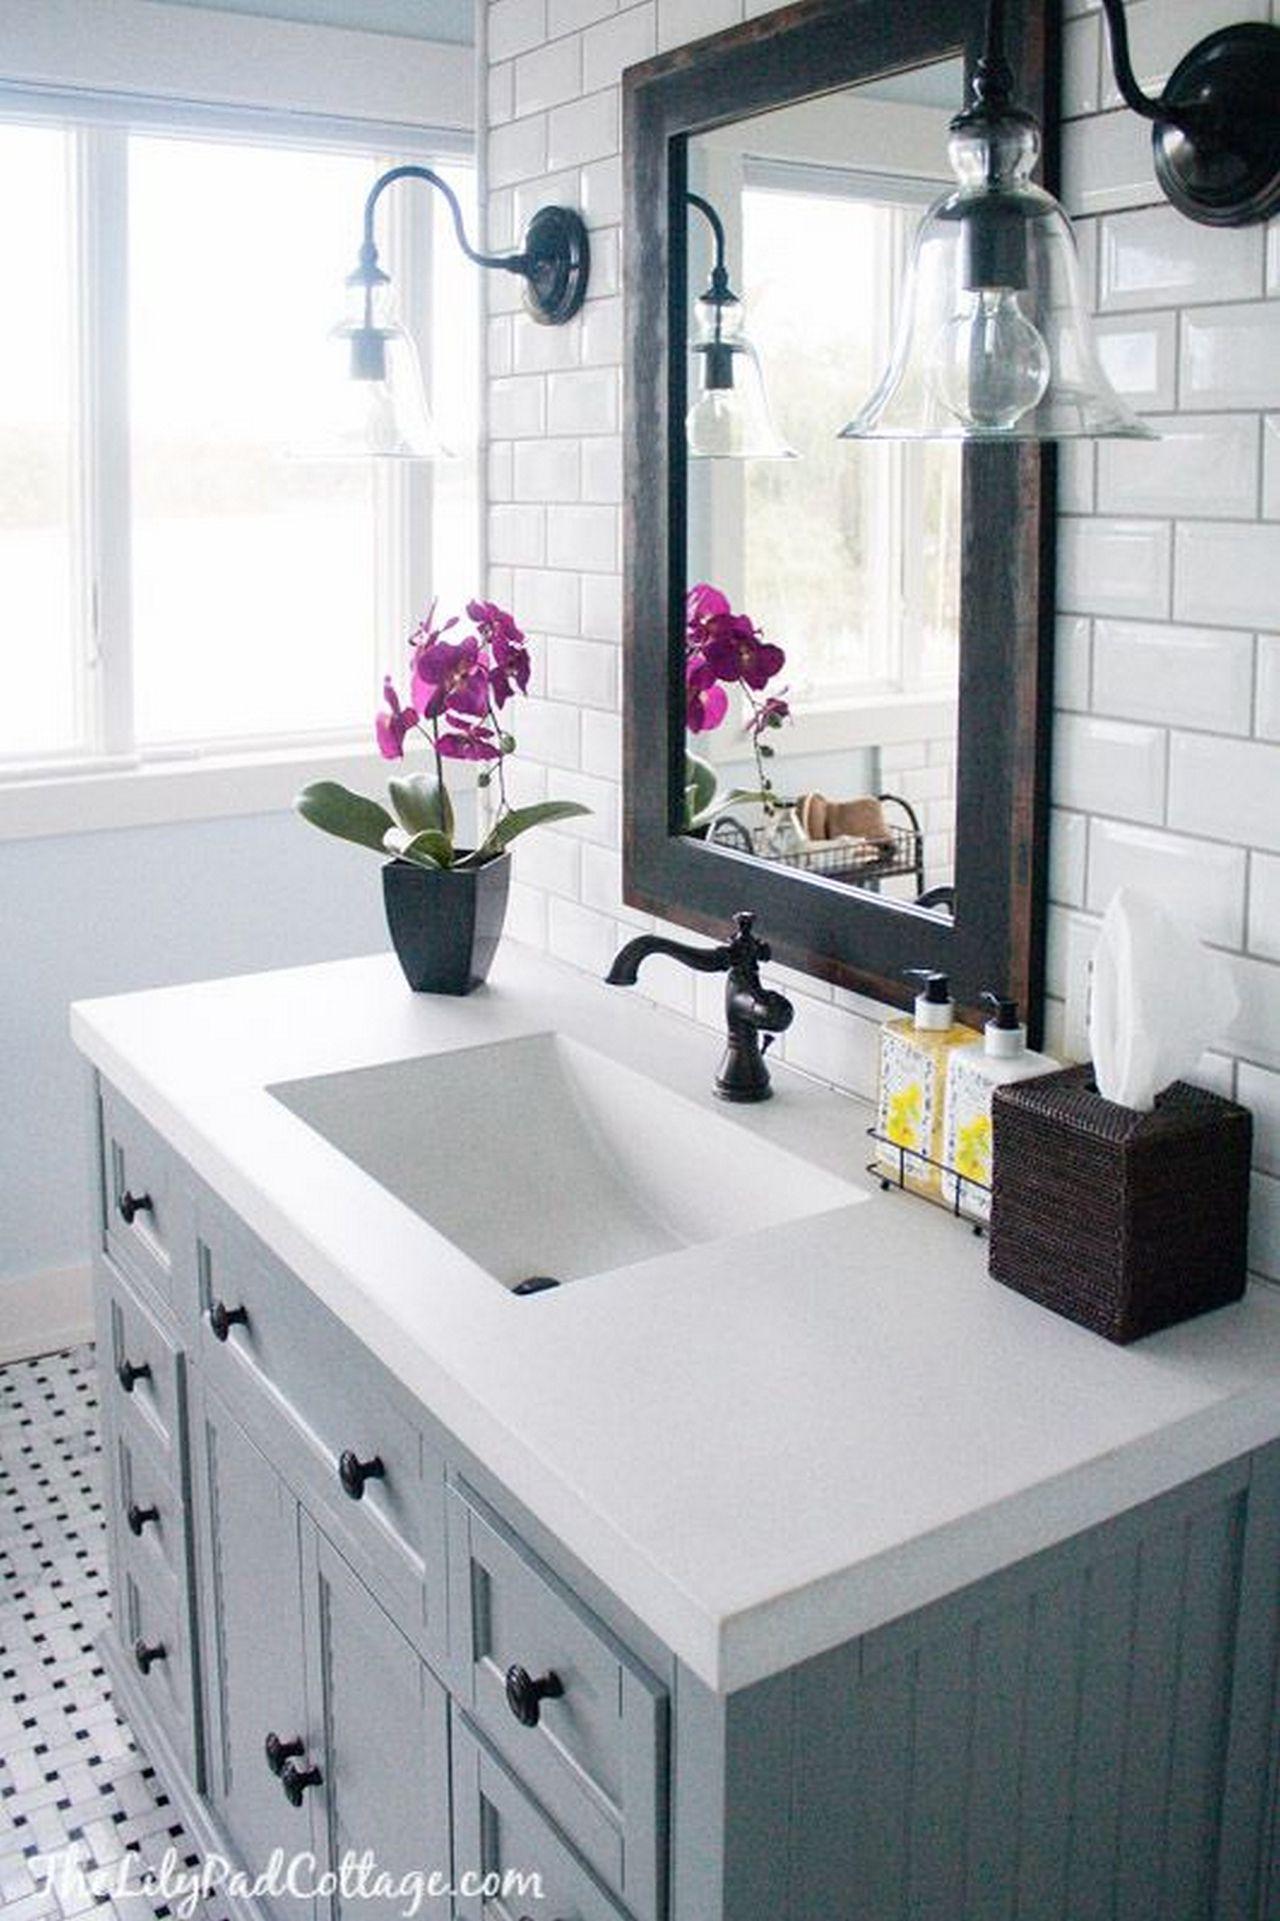 Badezimmer dekor rustikal  aufregende badezimmerdekorideen um von funktionell zu